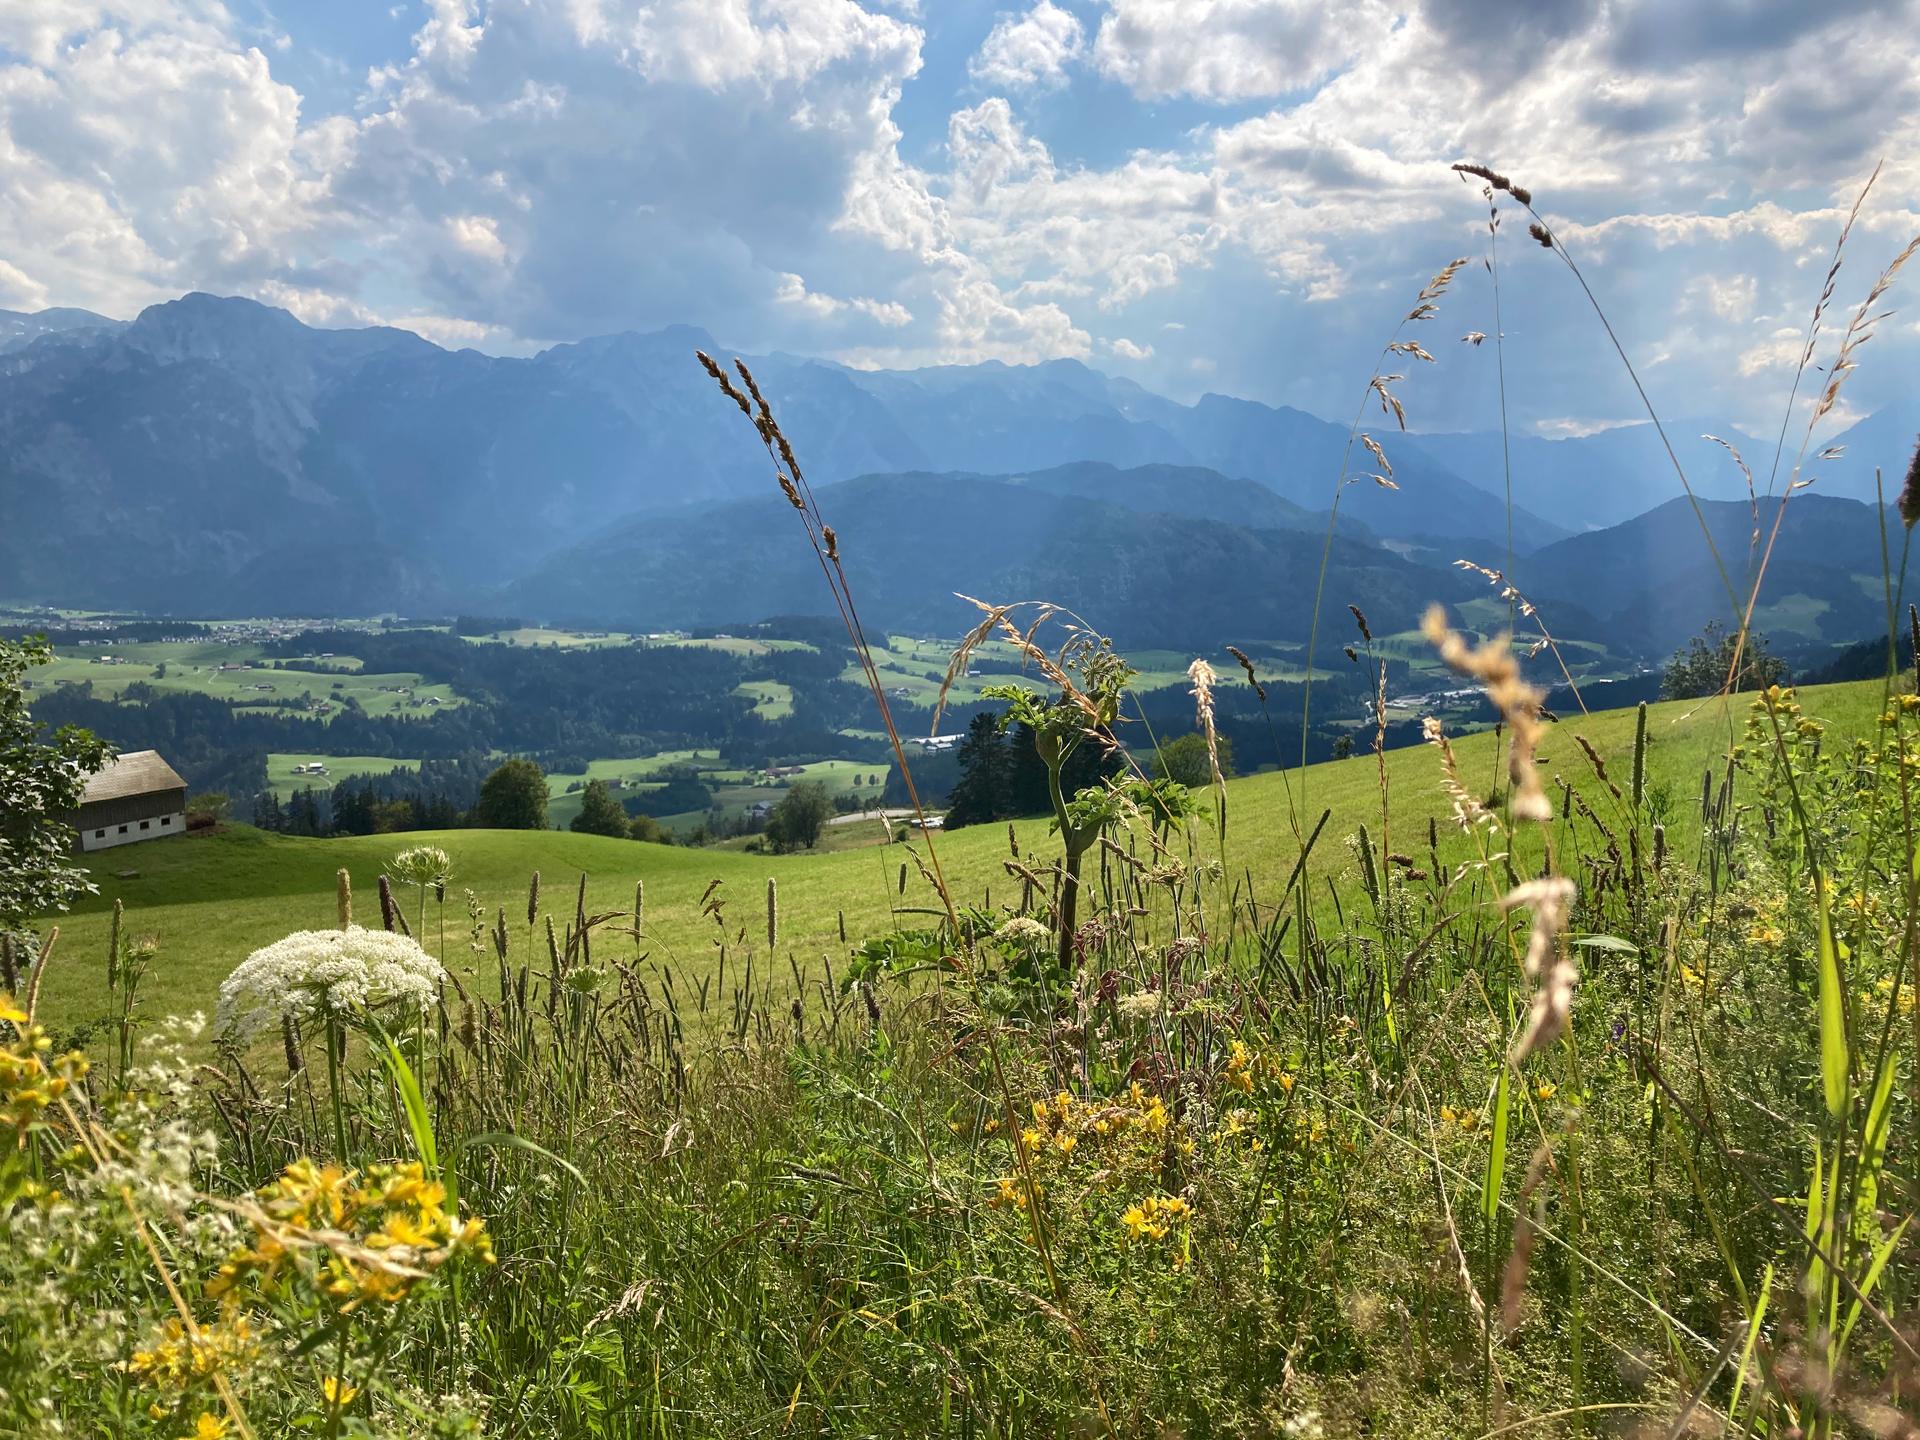 © Fröschl, Blick ins Lammertal